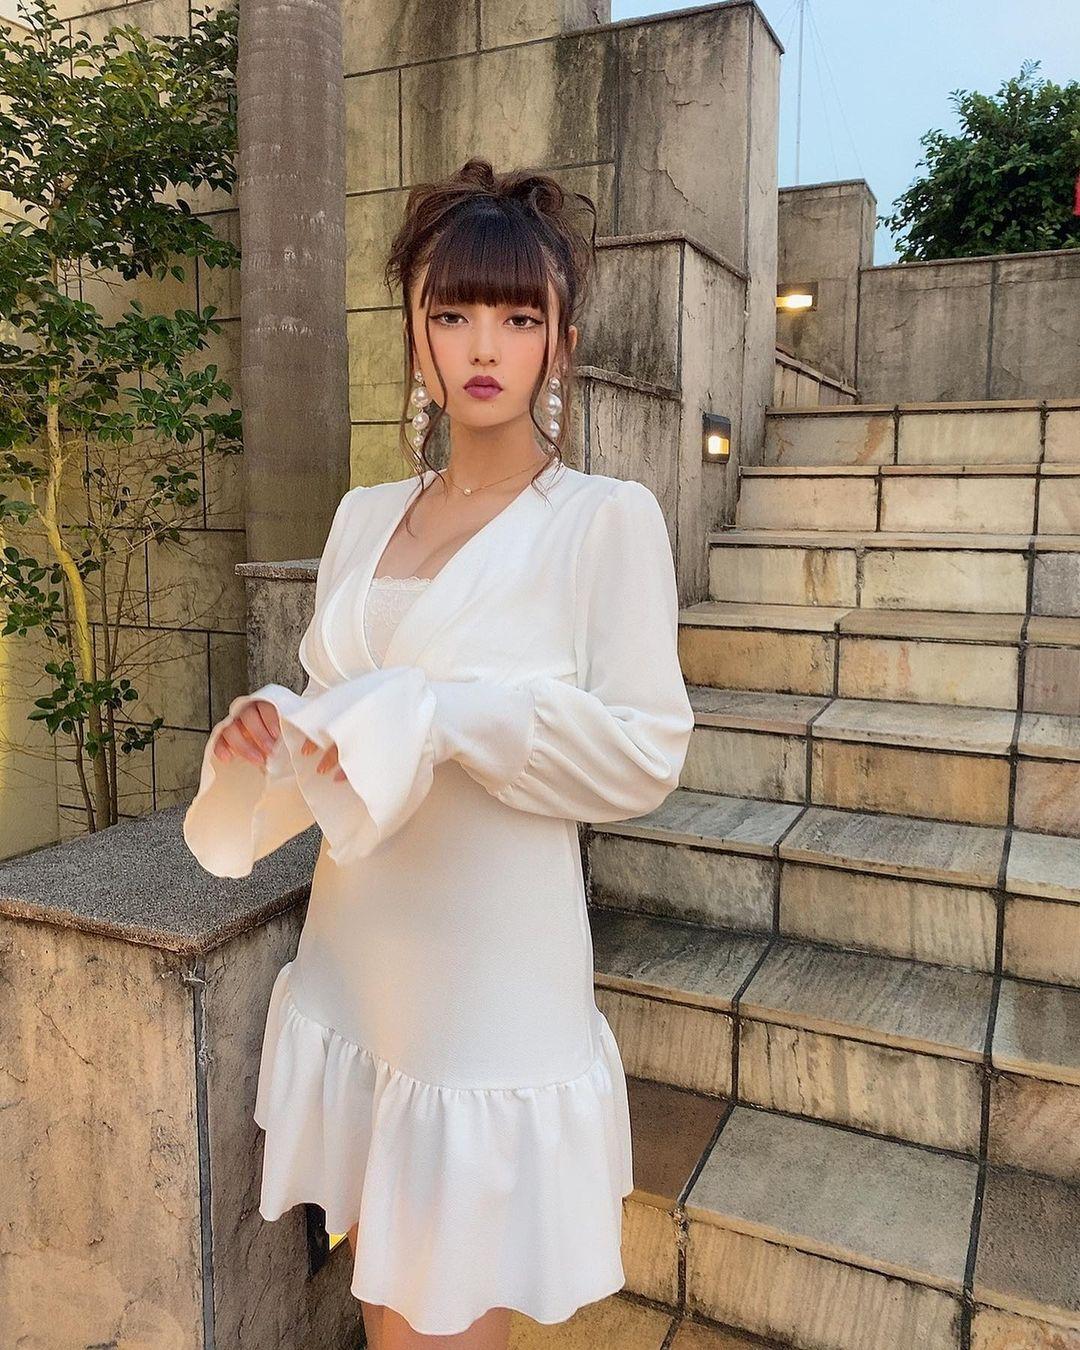 今年刚高中毕业 18 岁美少女樱井音乃身材整个无敌 网络美女 第15张